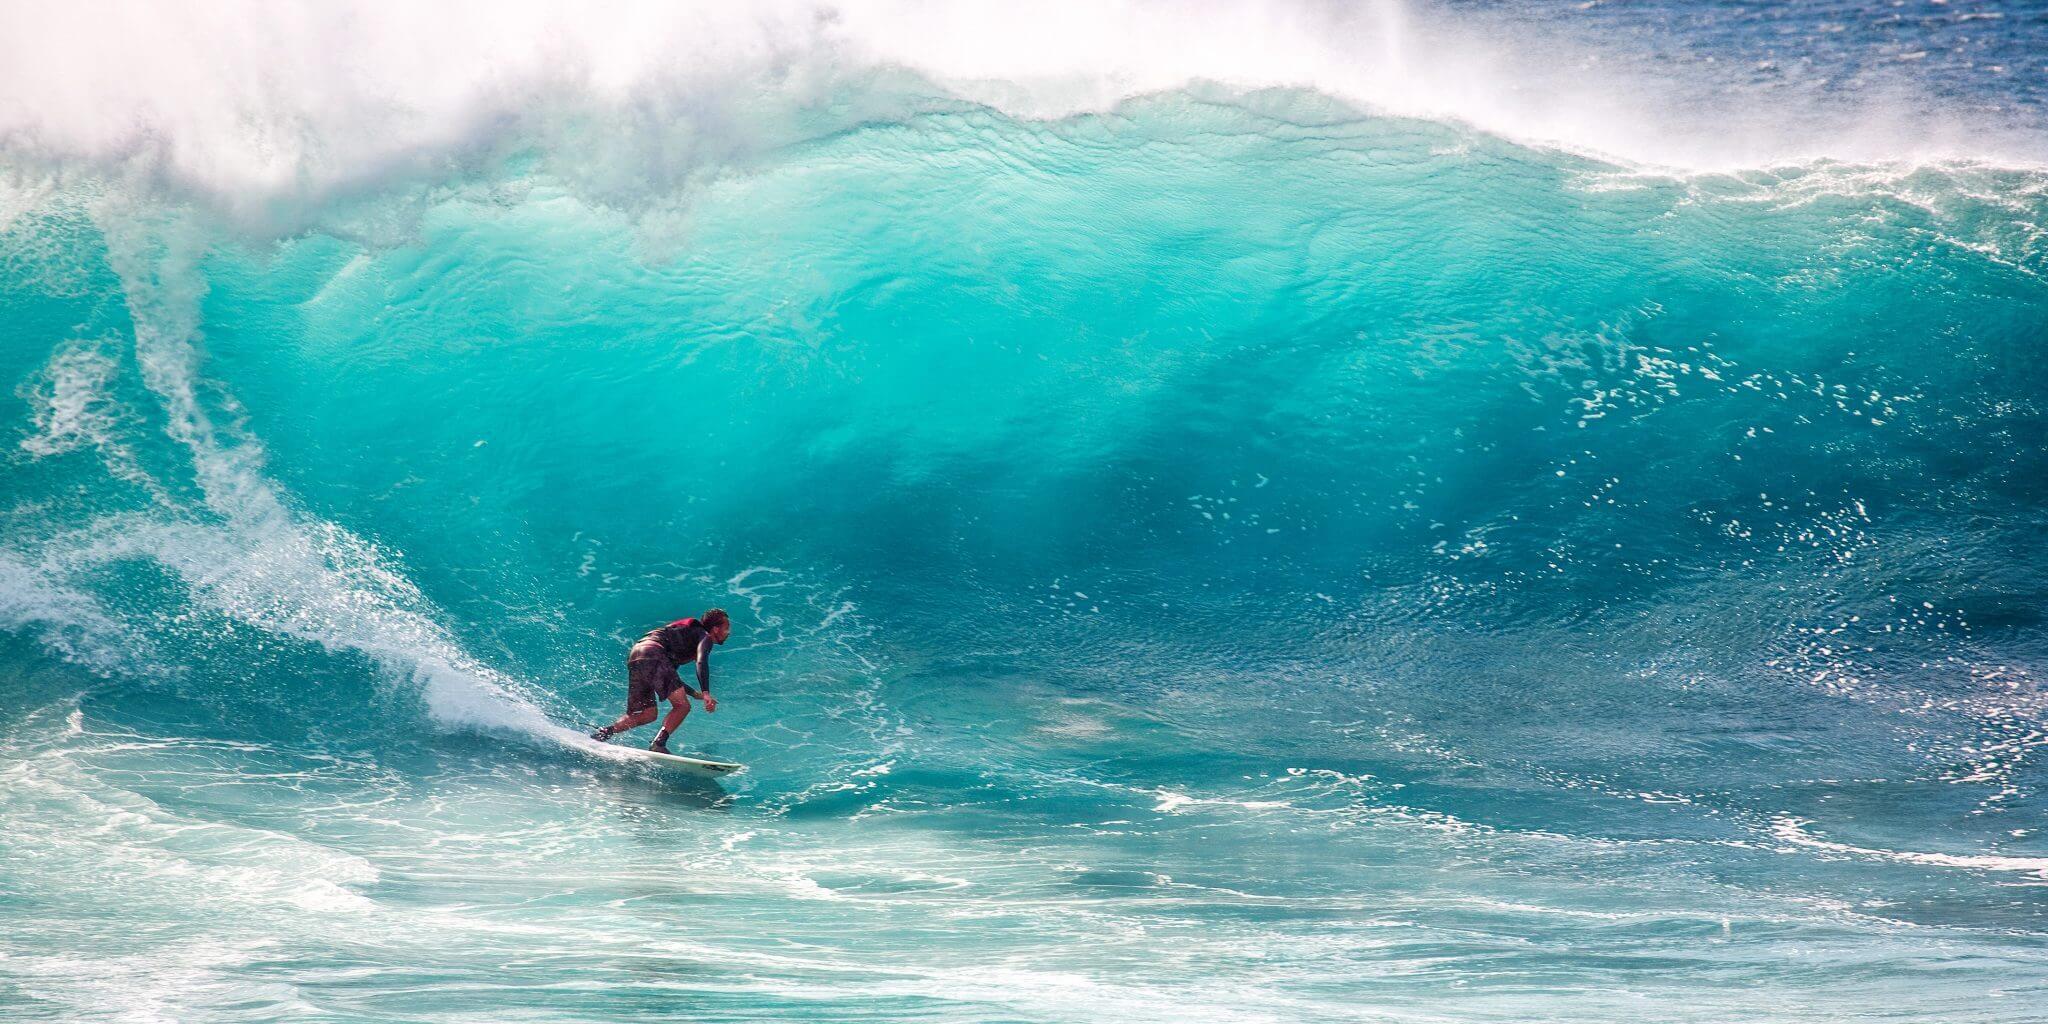 Mental Monday: Reite die Welle